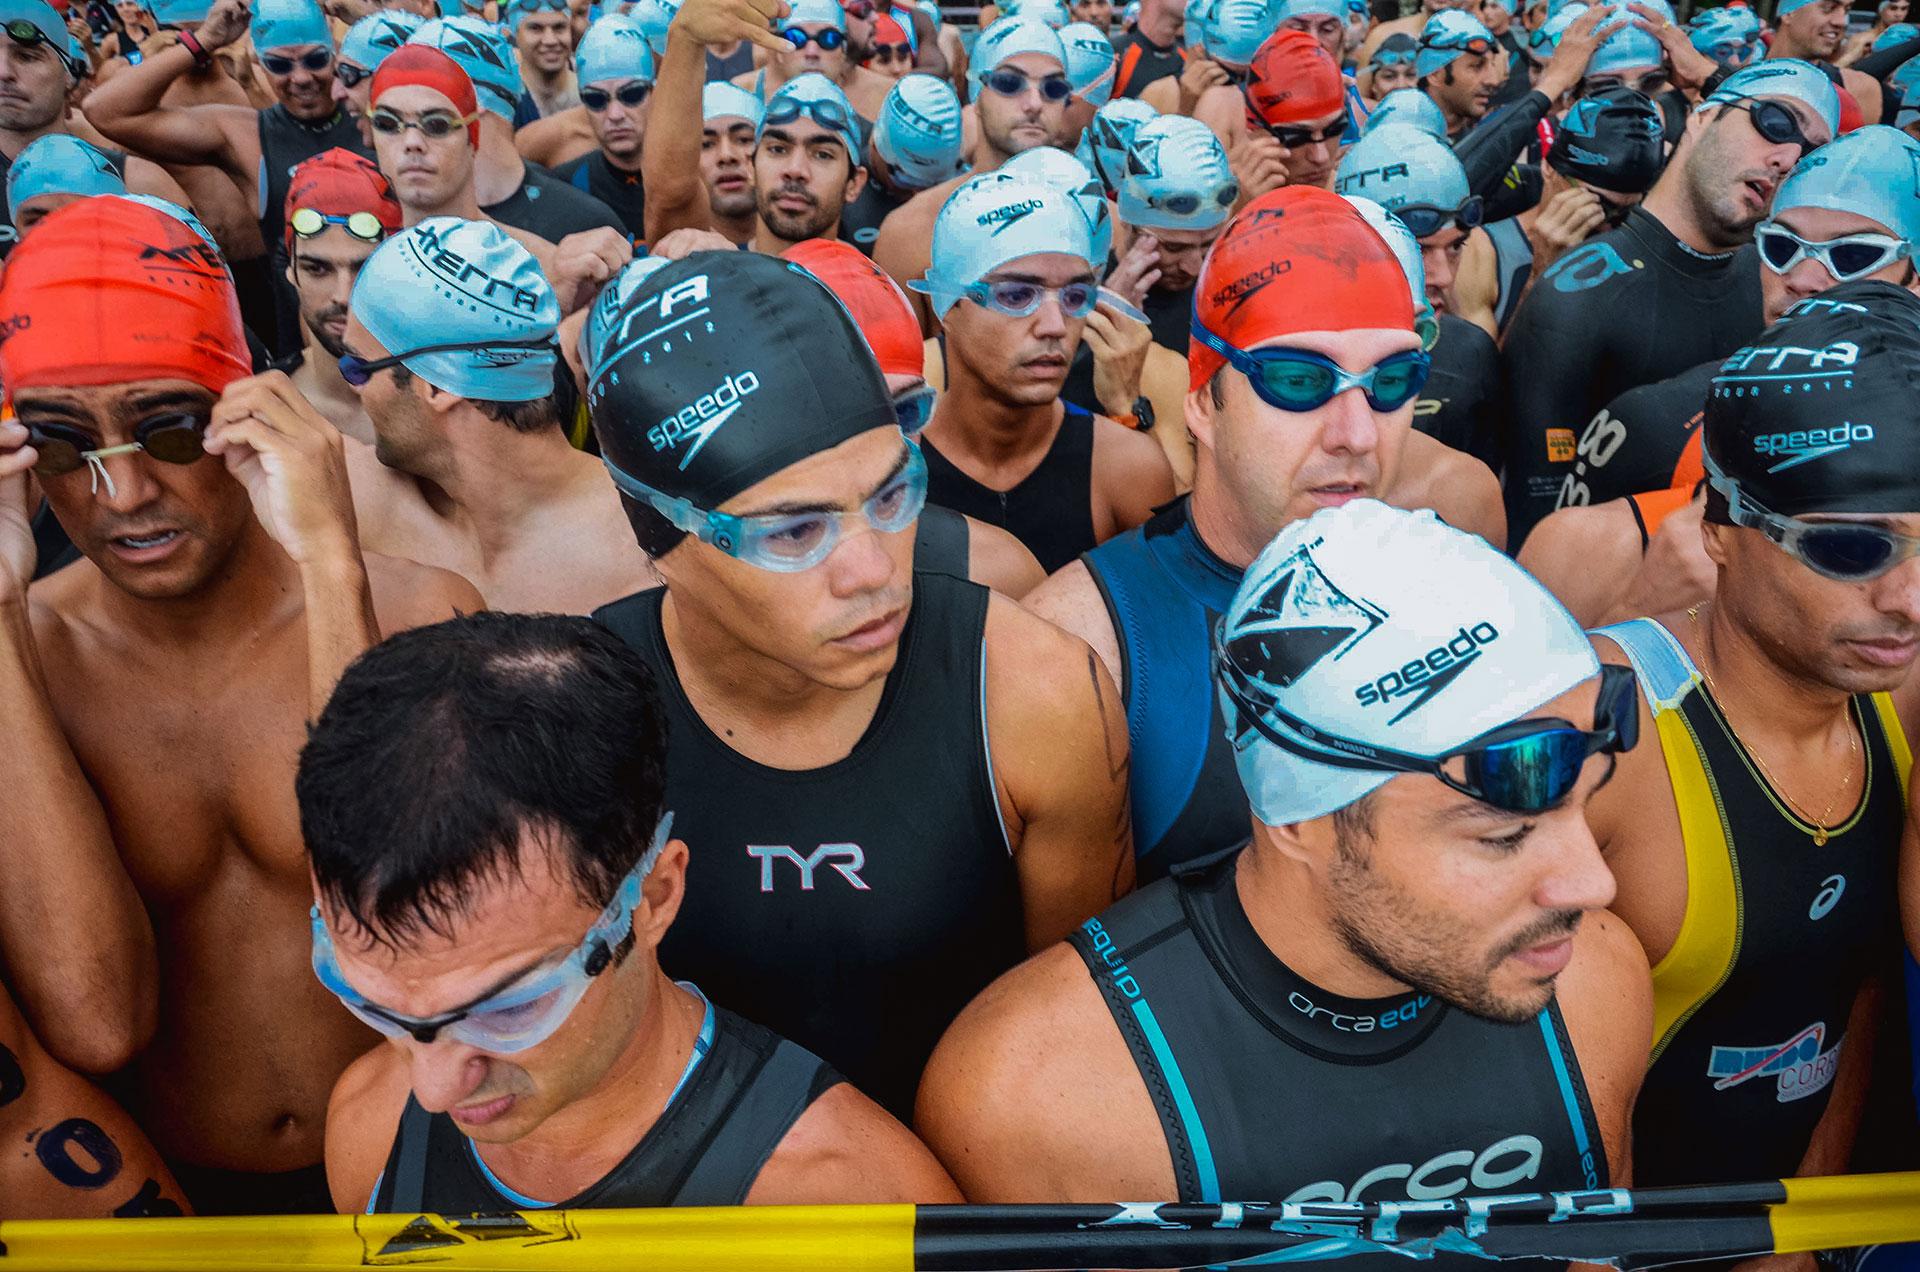 xterra, bike, evento outdoor, sportsession, cobertura fotográfica, agência fotografica, sporte outdoor, montain bike, triathlon, natação